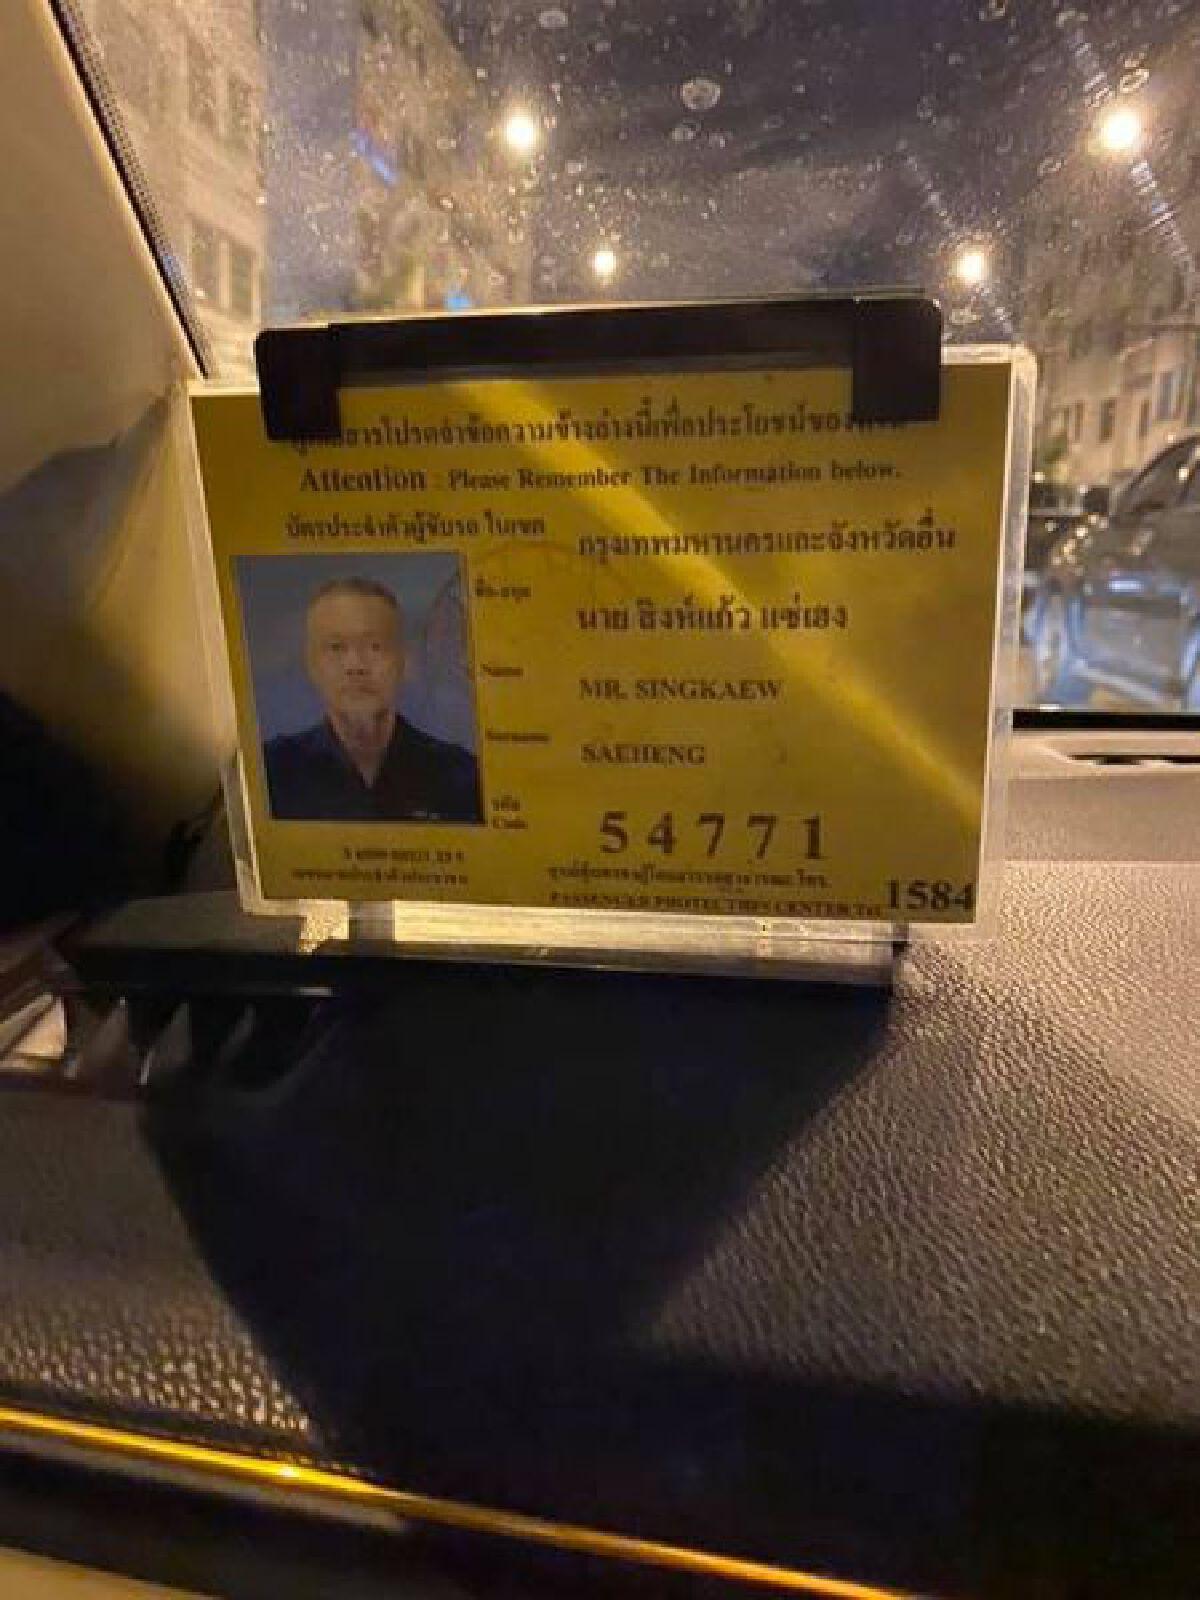 โซเชียลแห่ชื่นชมลุงขับแท็กซี่ ไม่คิดเงินผู้โดยสารหลังรู้ว่าทำงานใน รพ.